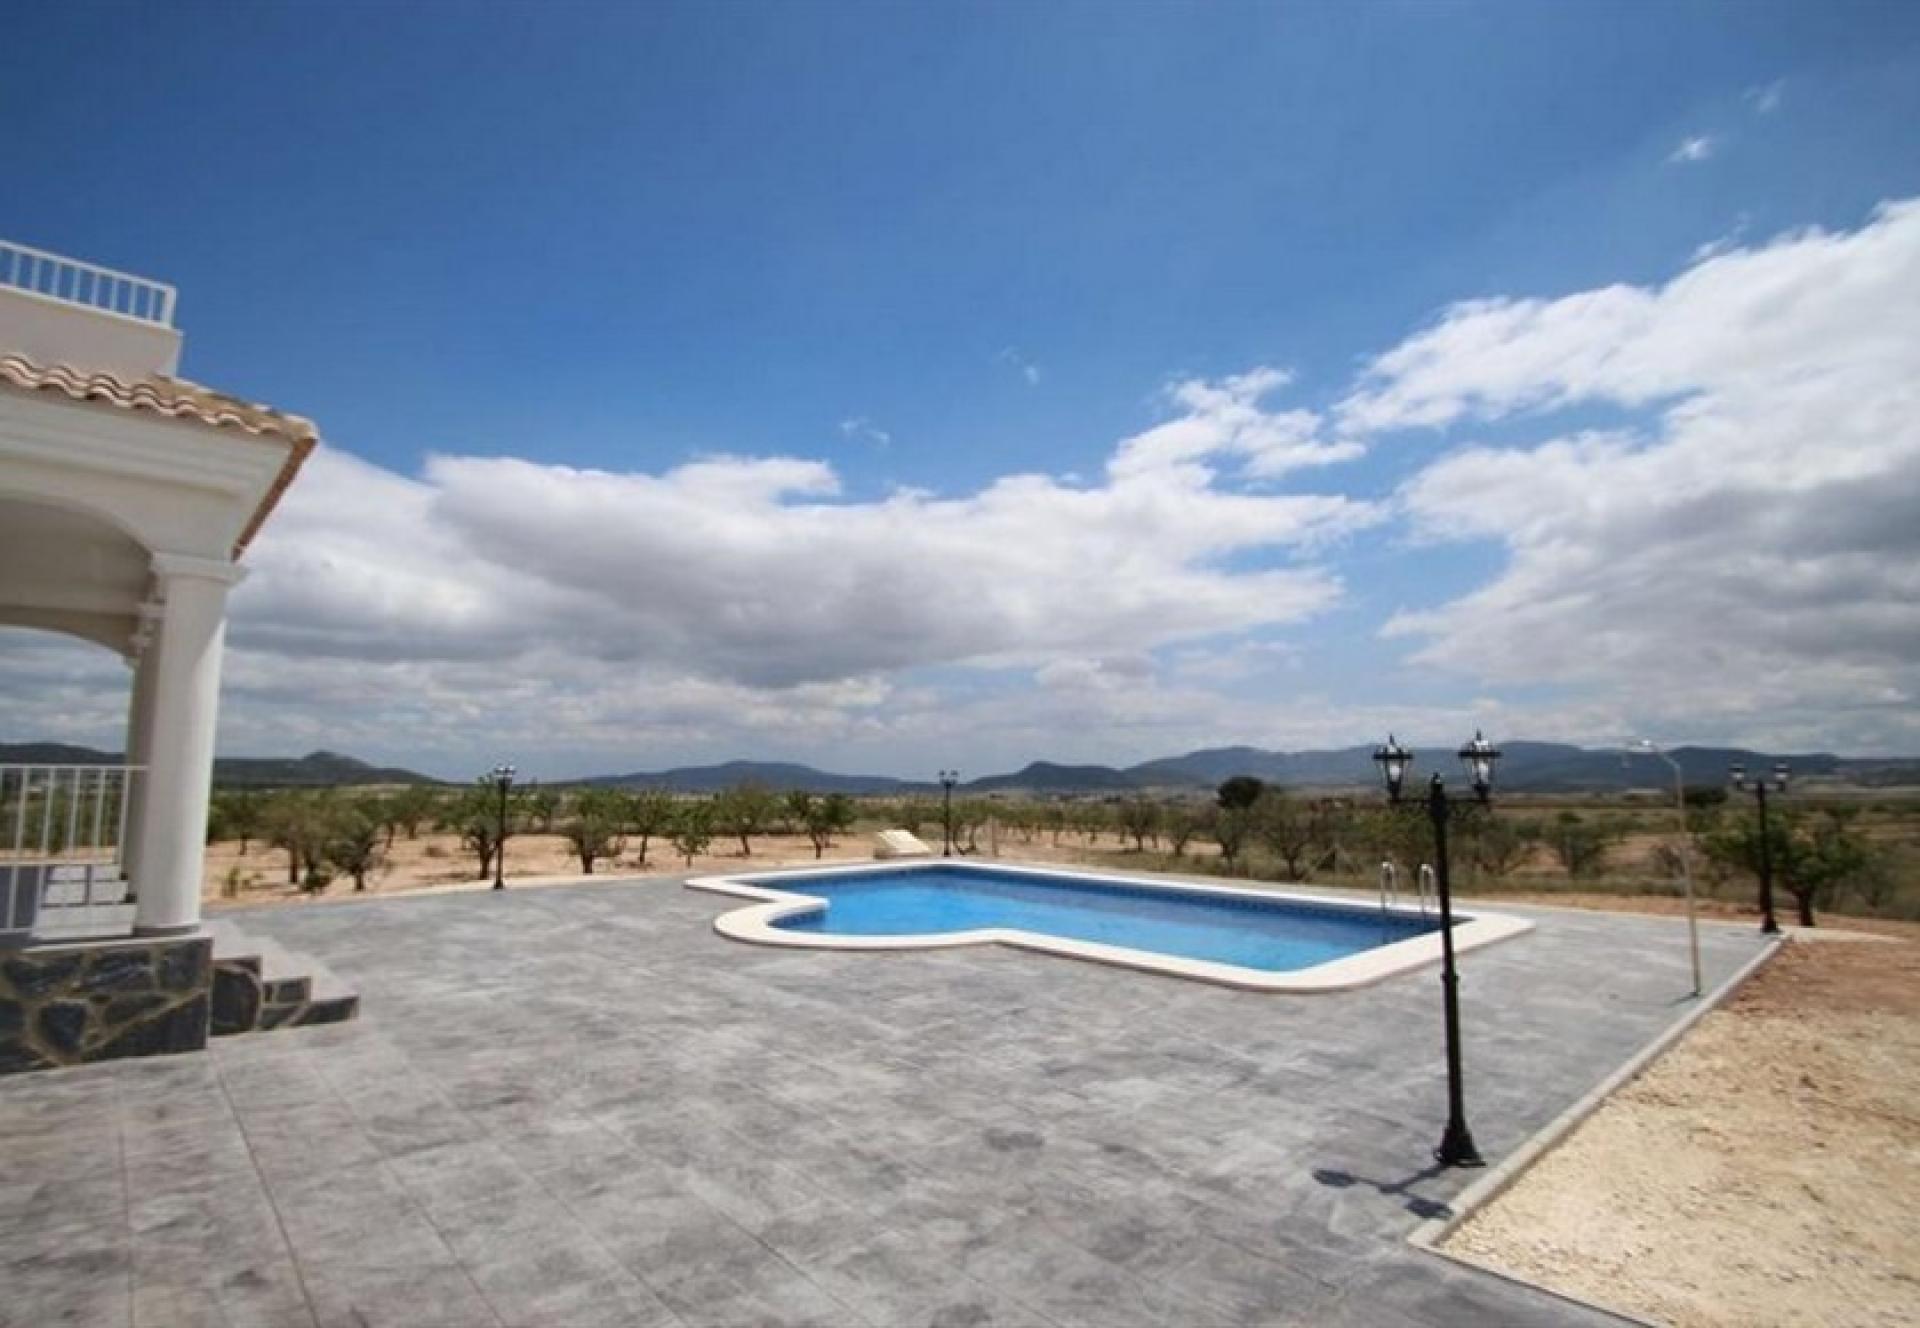 Luxe nieuwe villa's met zwembad inc. land, licenties Alicante, Pinoso in Medvilla Spanje